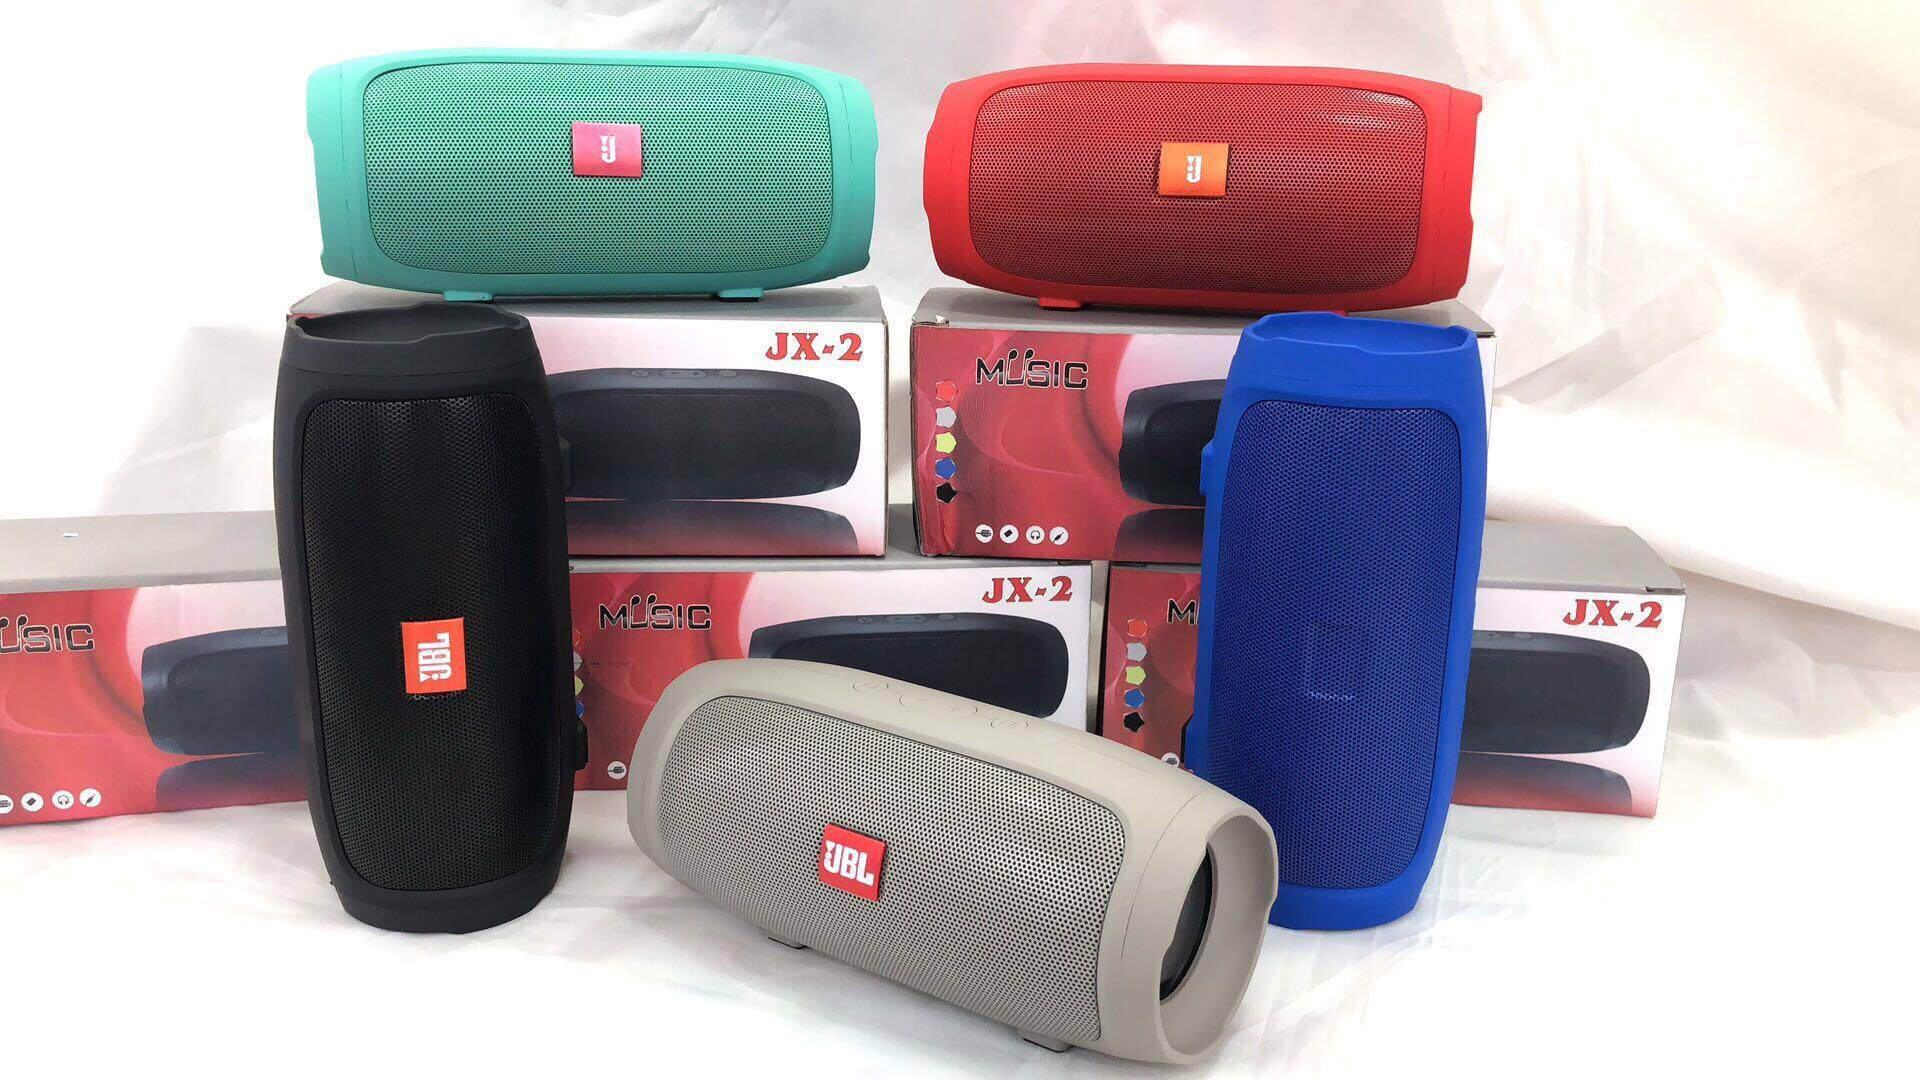 ขายถูกสุดๆ ลำโพงแบบพกพา No ลำโพงบลูทูธ Bluetooth Speaker JX-2 ลำโพงบลูทูธแบบพกพา เสียงเบสกระหึ่ม ดีจริง ๆ